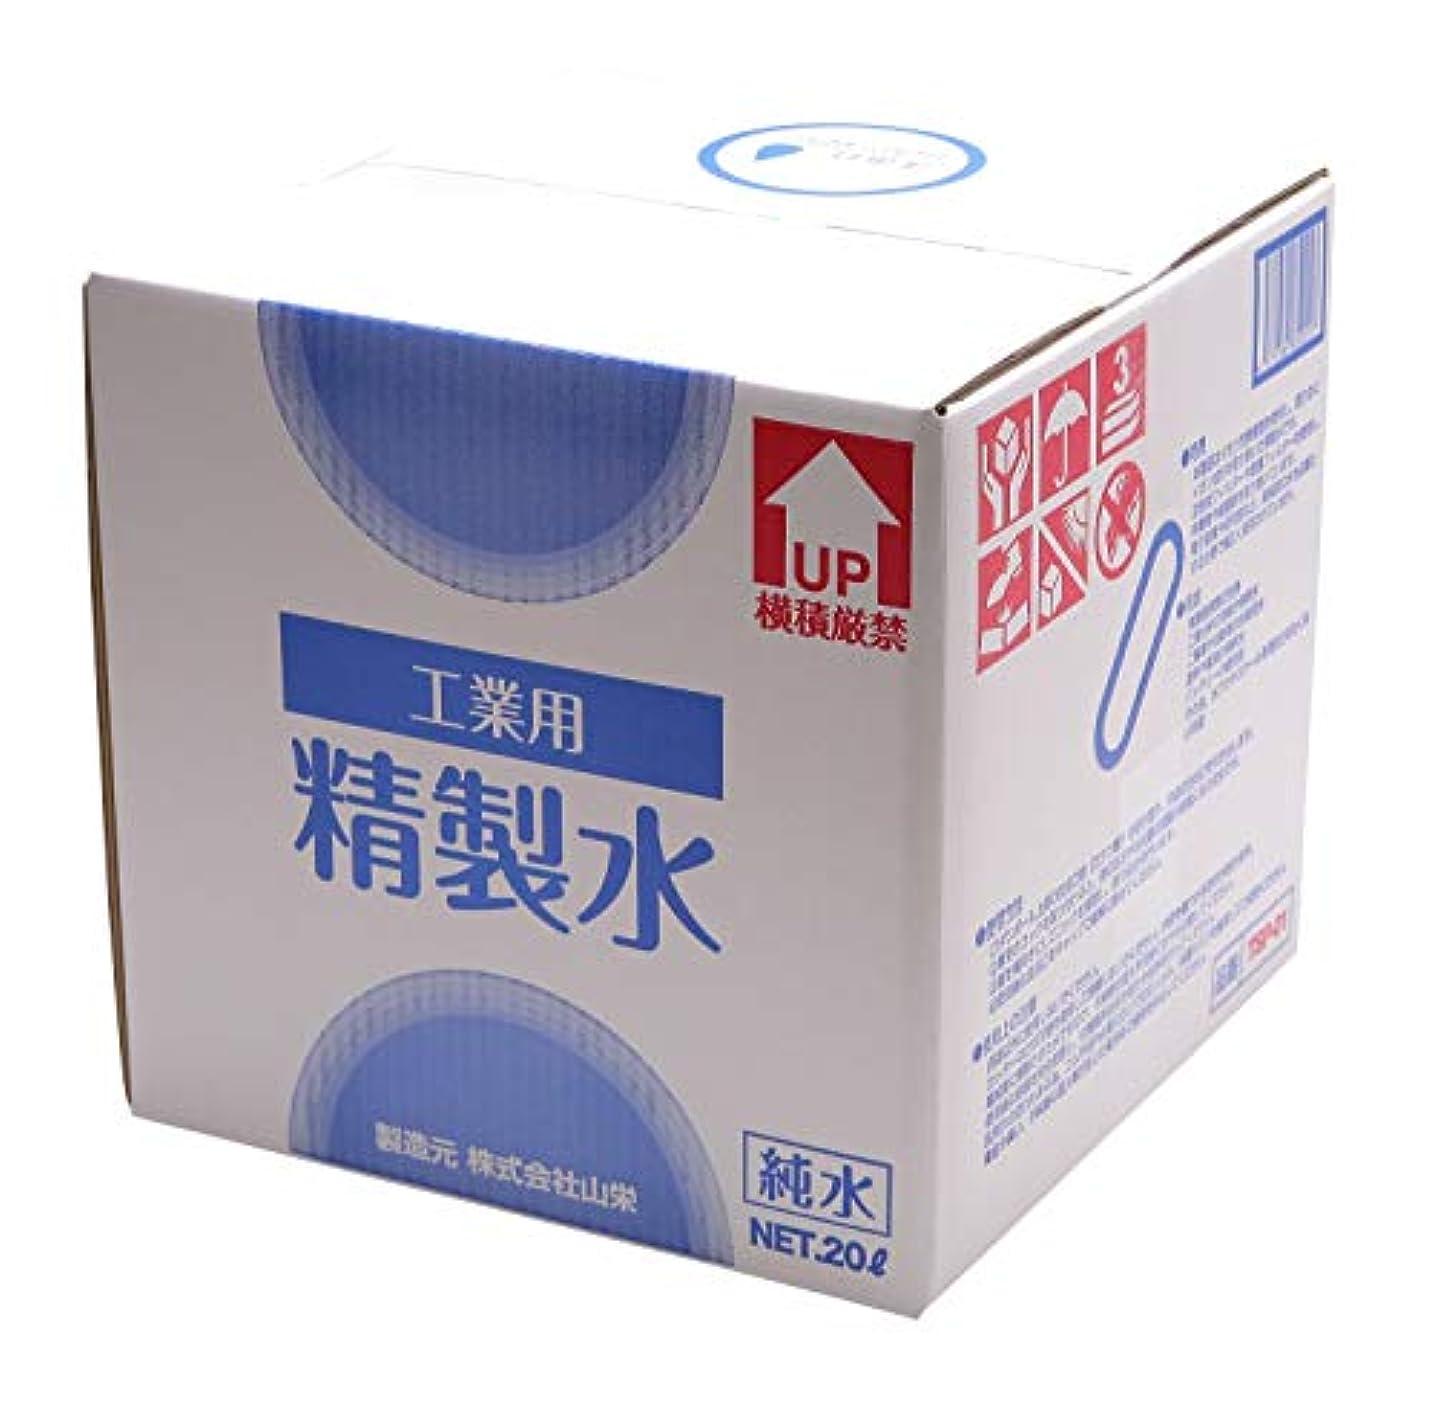 各シーケンス挑むサンエイ化学 工業用 精製水 [ 20L 1箱 : コック付き ] (工業用/業務用) 洗浄水 補給用水 化粧用 加湿器 美顔器 日本産 純水